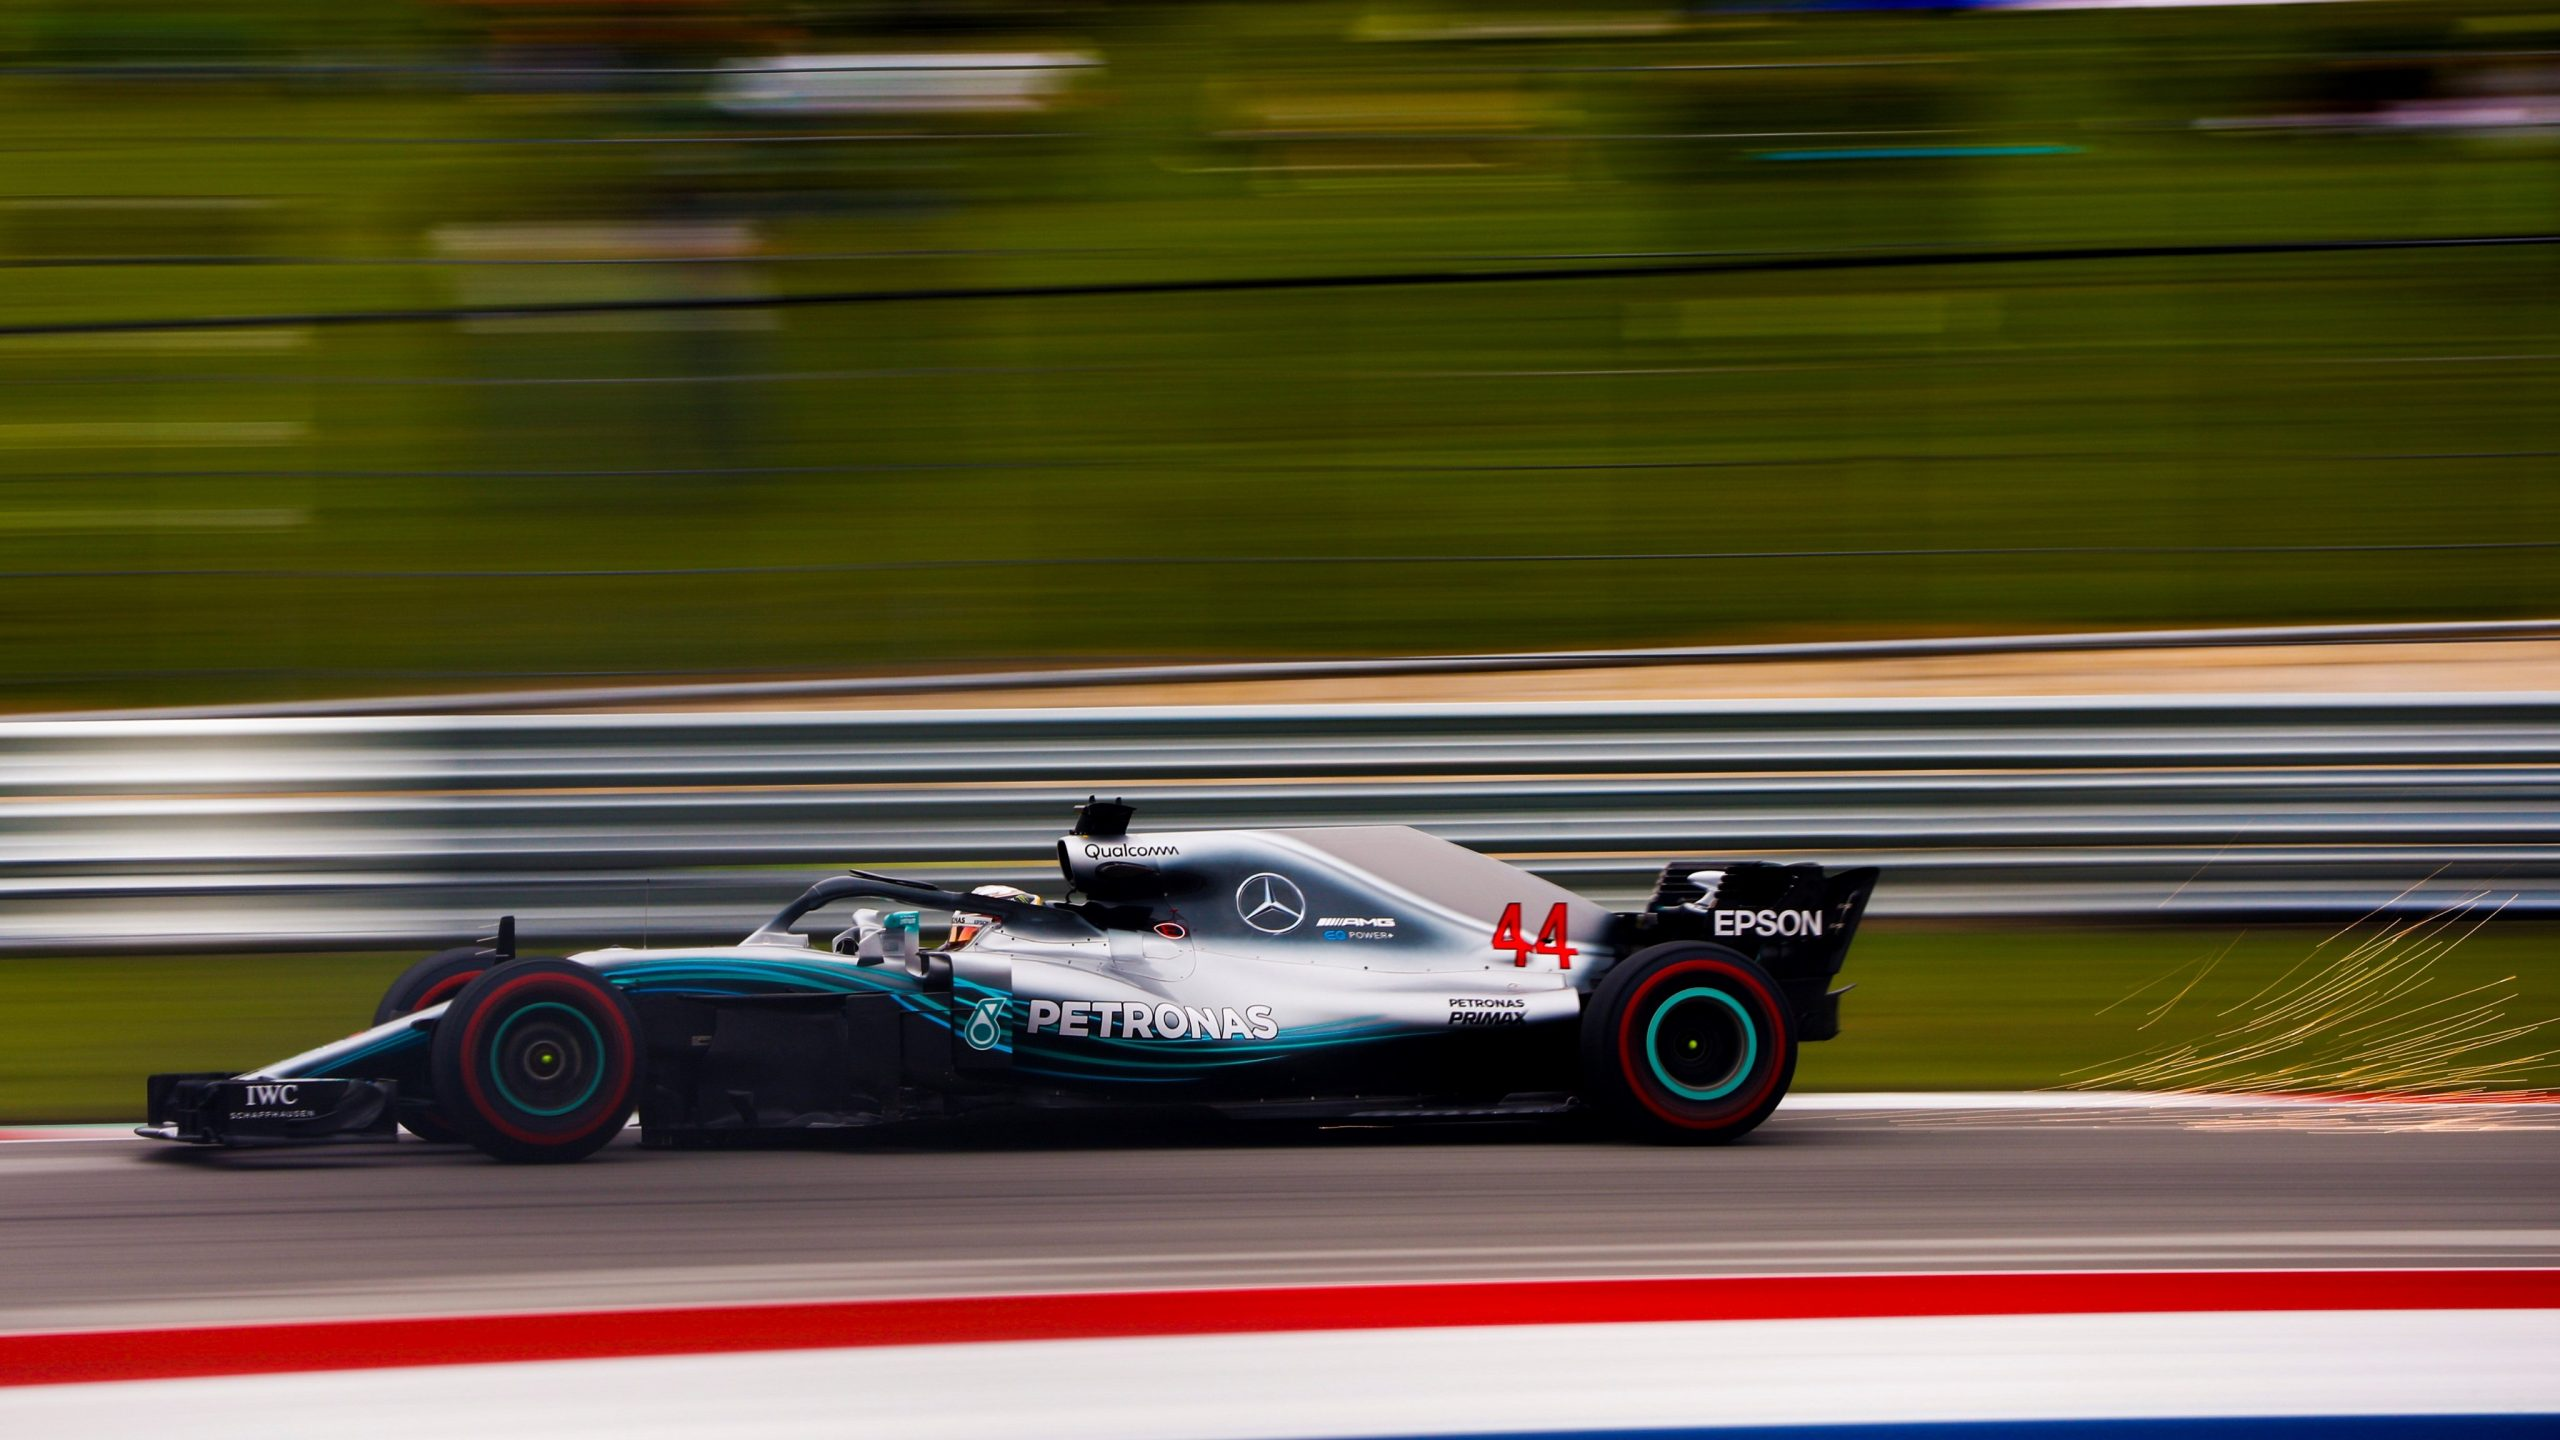 F1, Toto Wolff: Vettel? Quarta scelta dietro a Hamilton, Bottas e Russell!